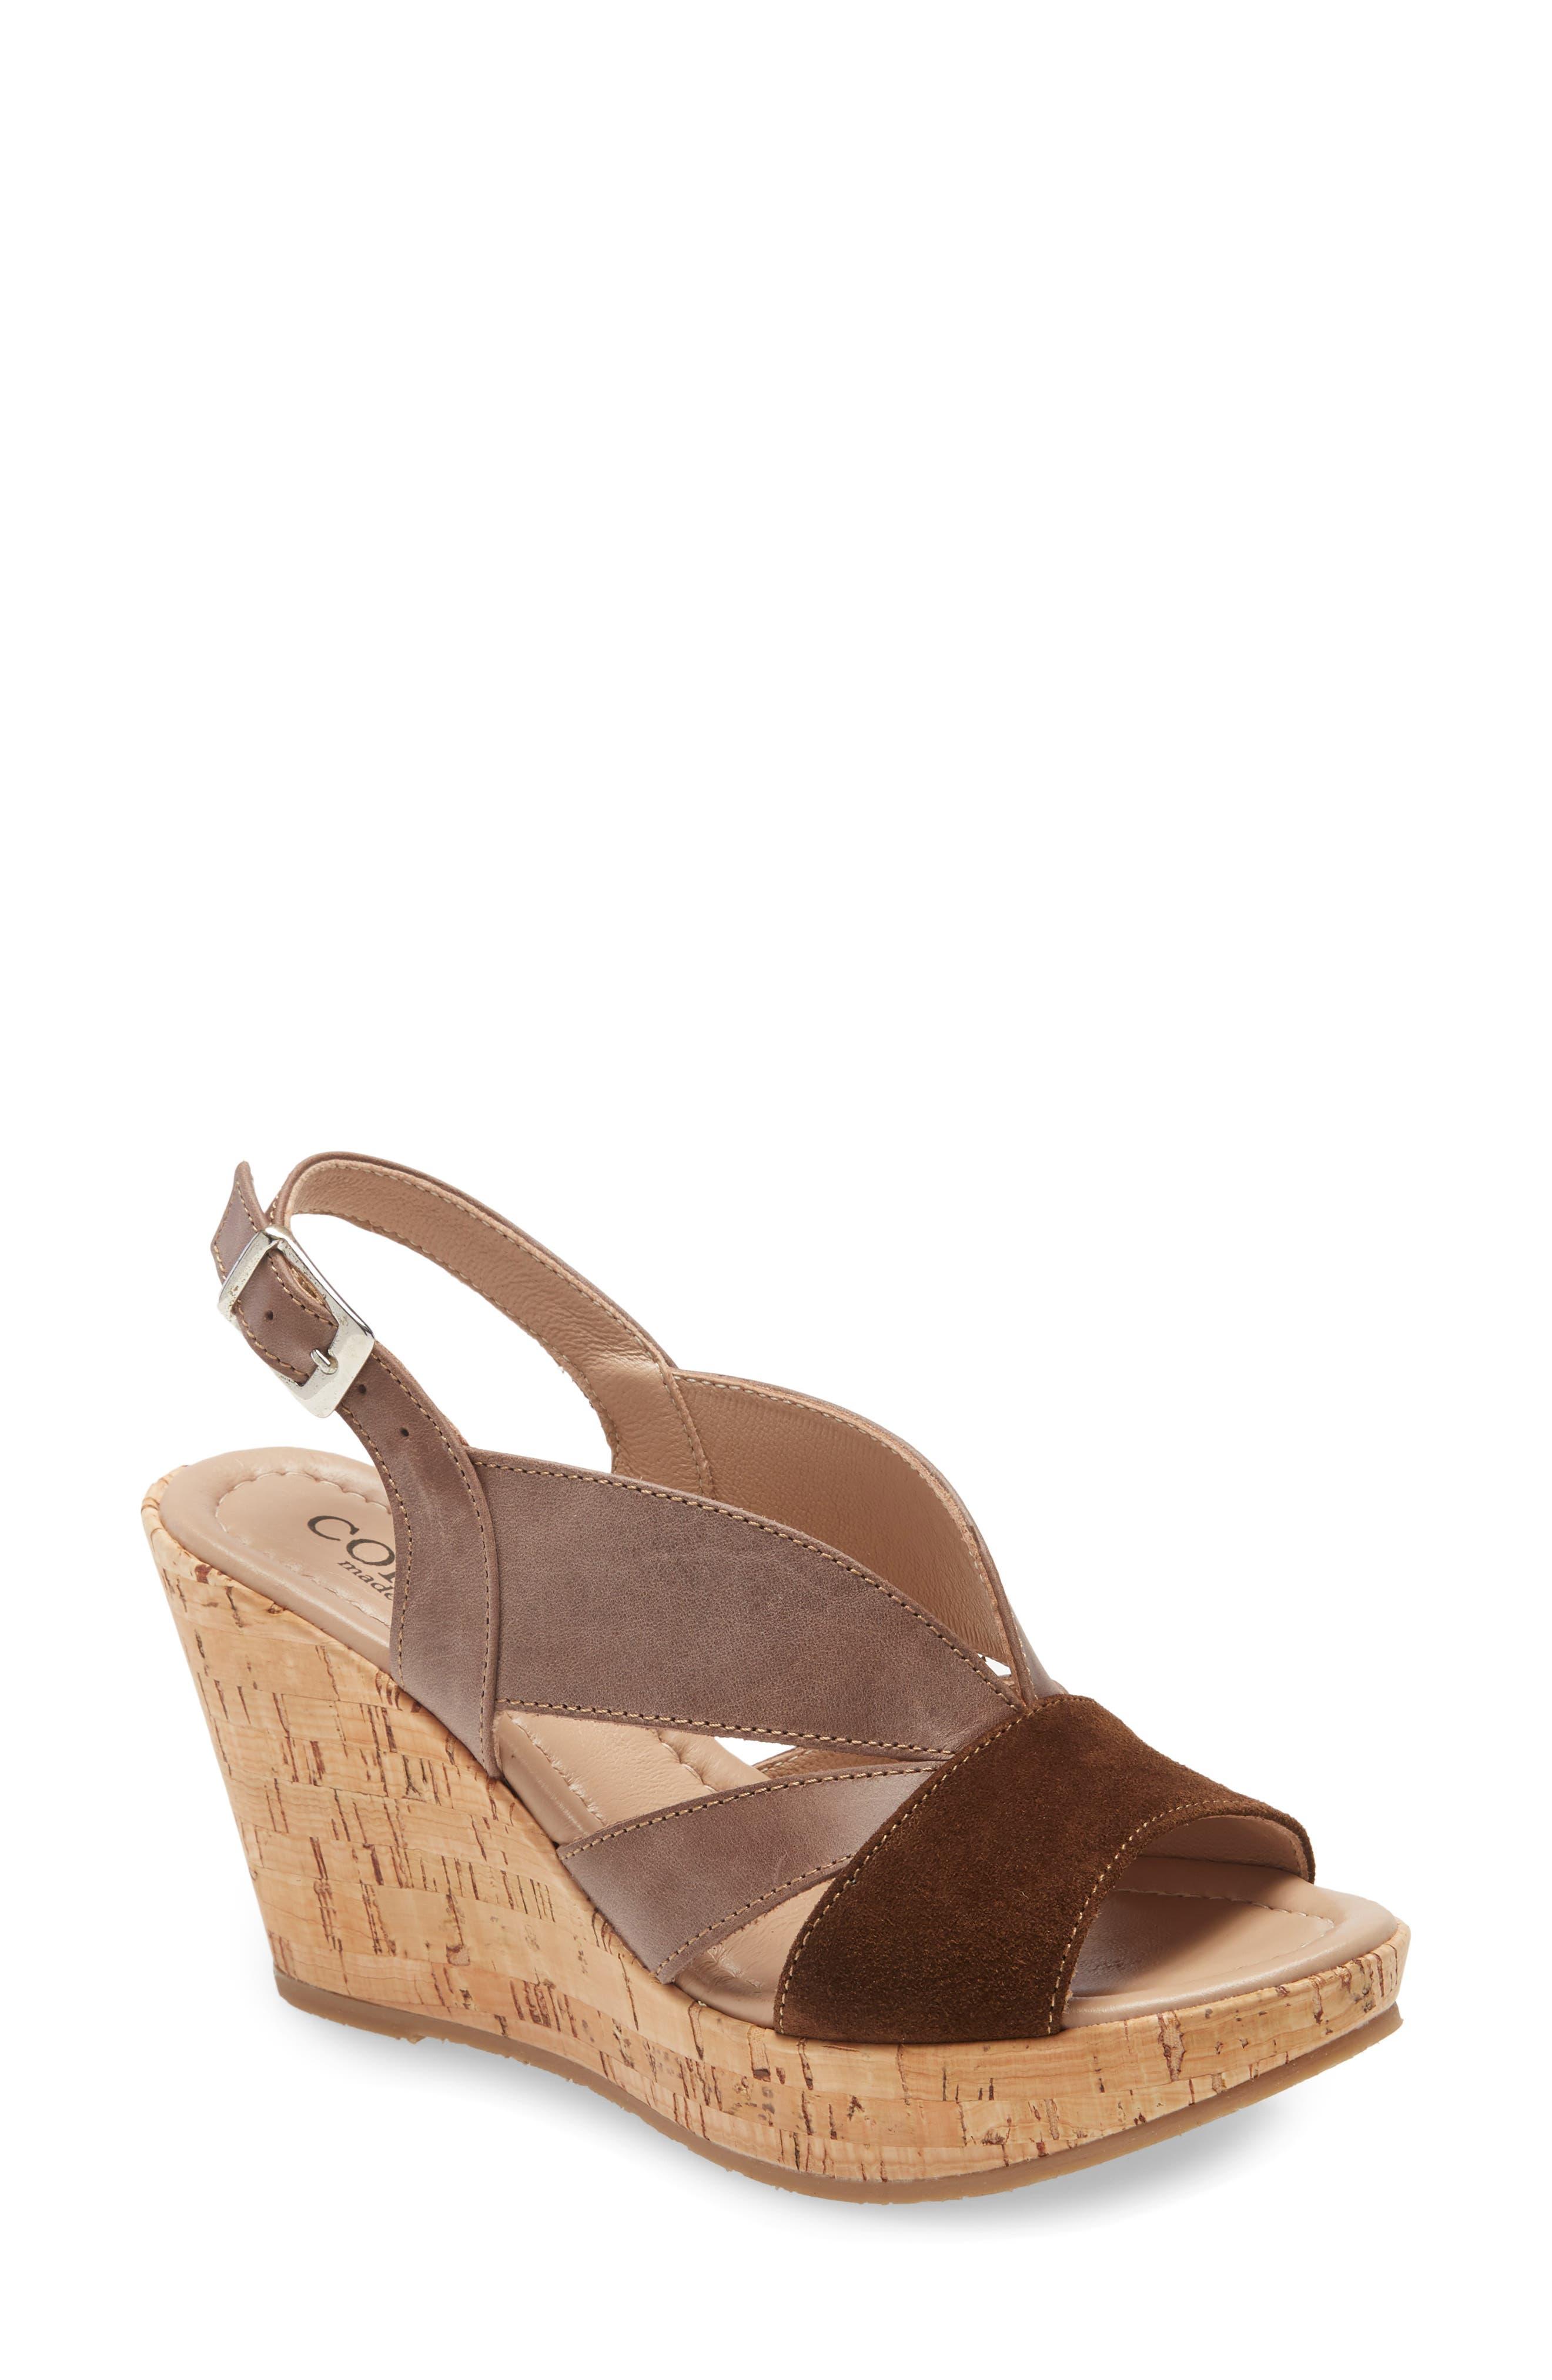 Randie Platform Wedge Slingback Sandal